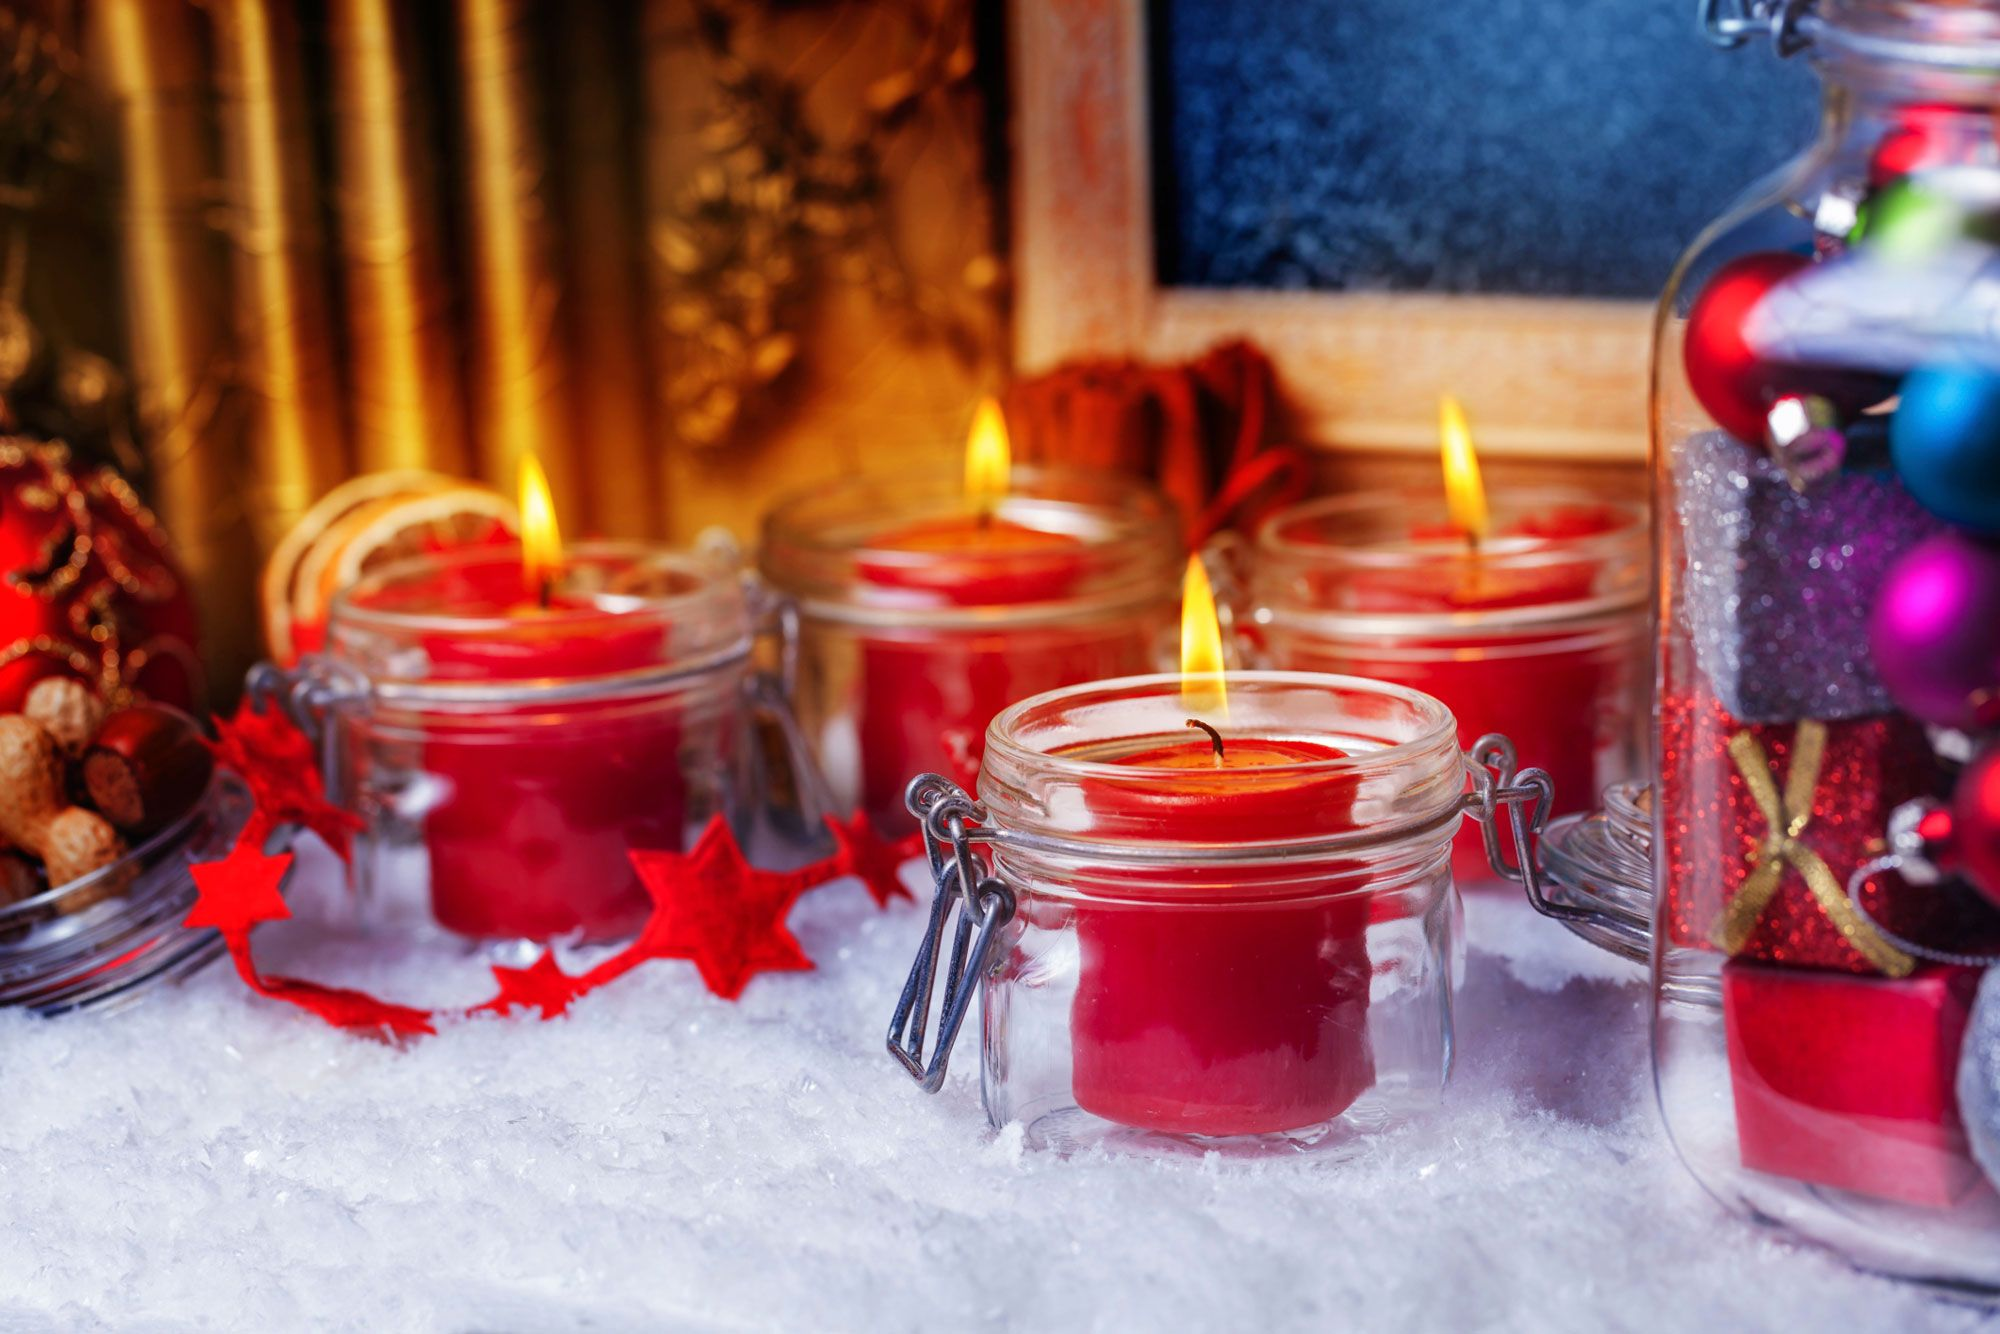 Reciclar tarros de cristal en navidad decoraci n for Frascos decorados para navidad